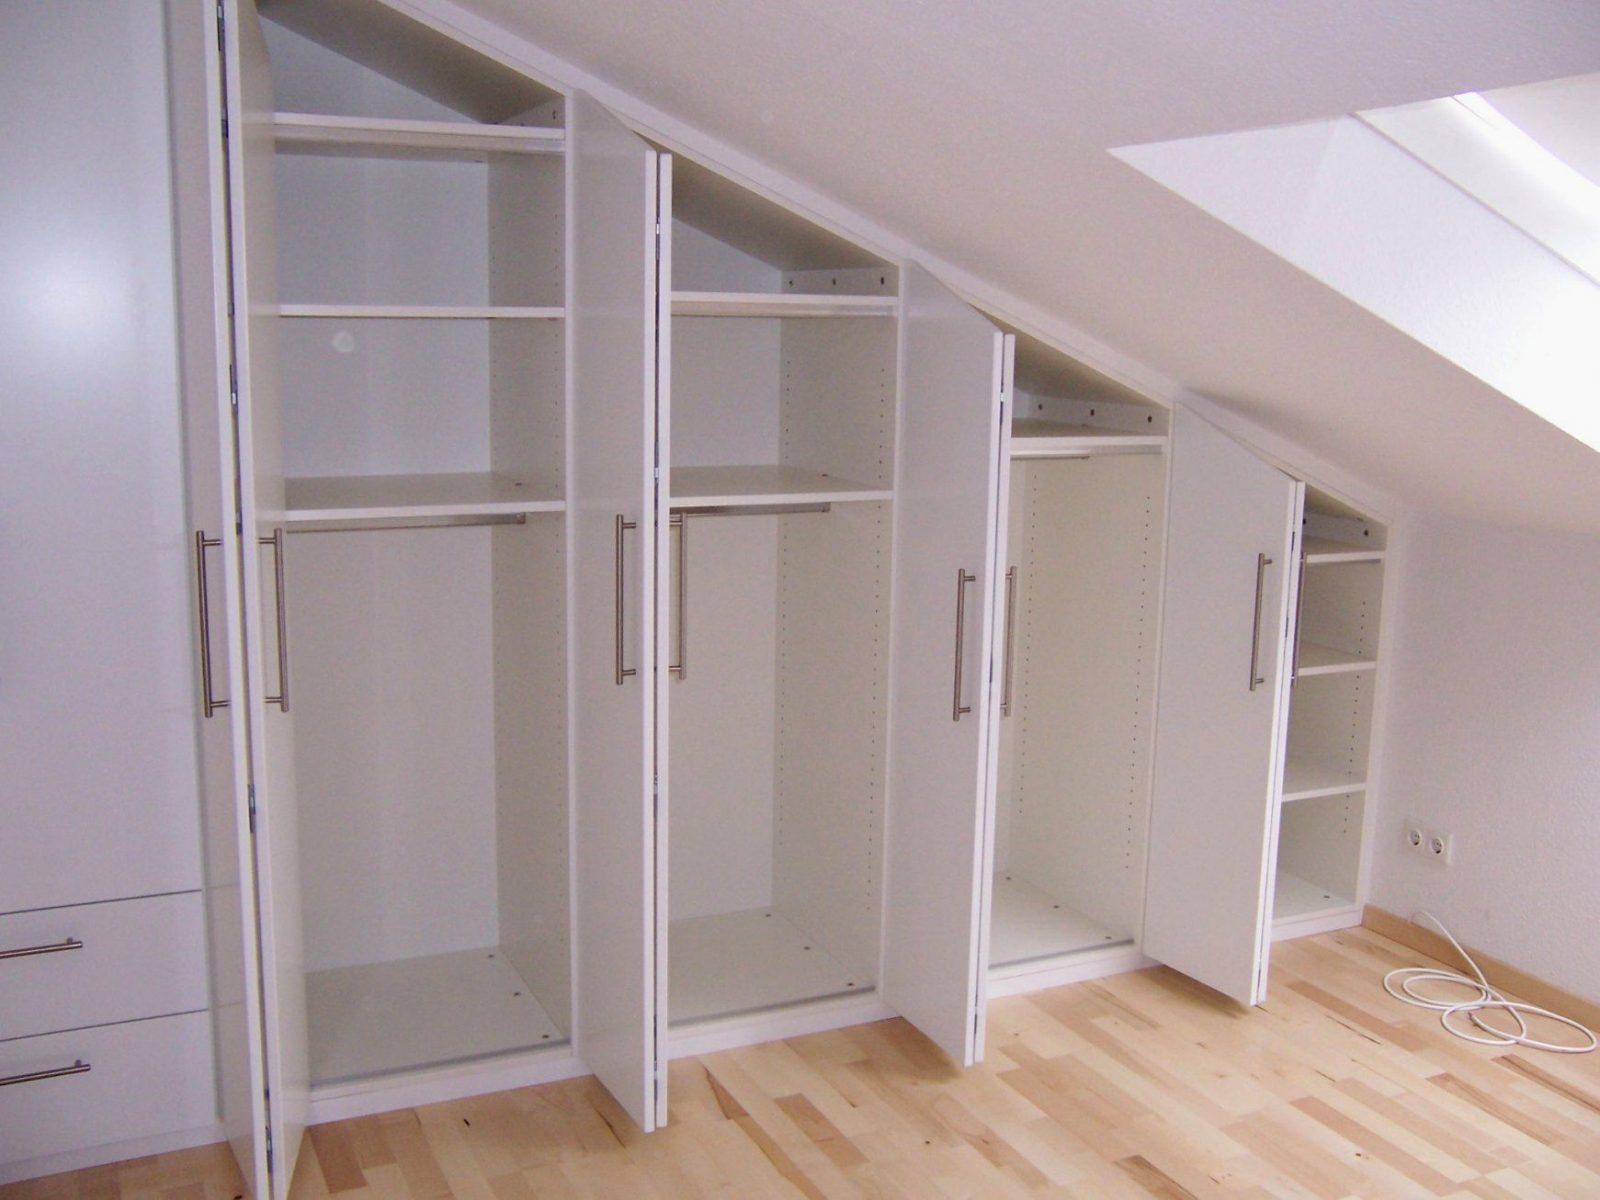 stilvolle schrank unter dachschr ge schrank dachschr ge selber von schr gen schrank selber. Black Bedroom Furniture Sets. Home Design Ideas